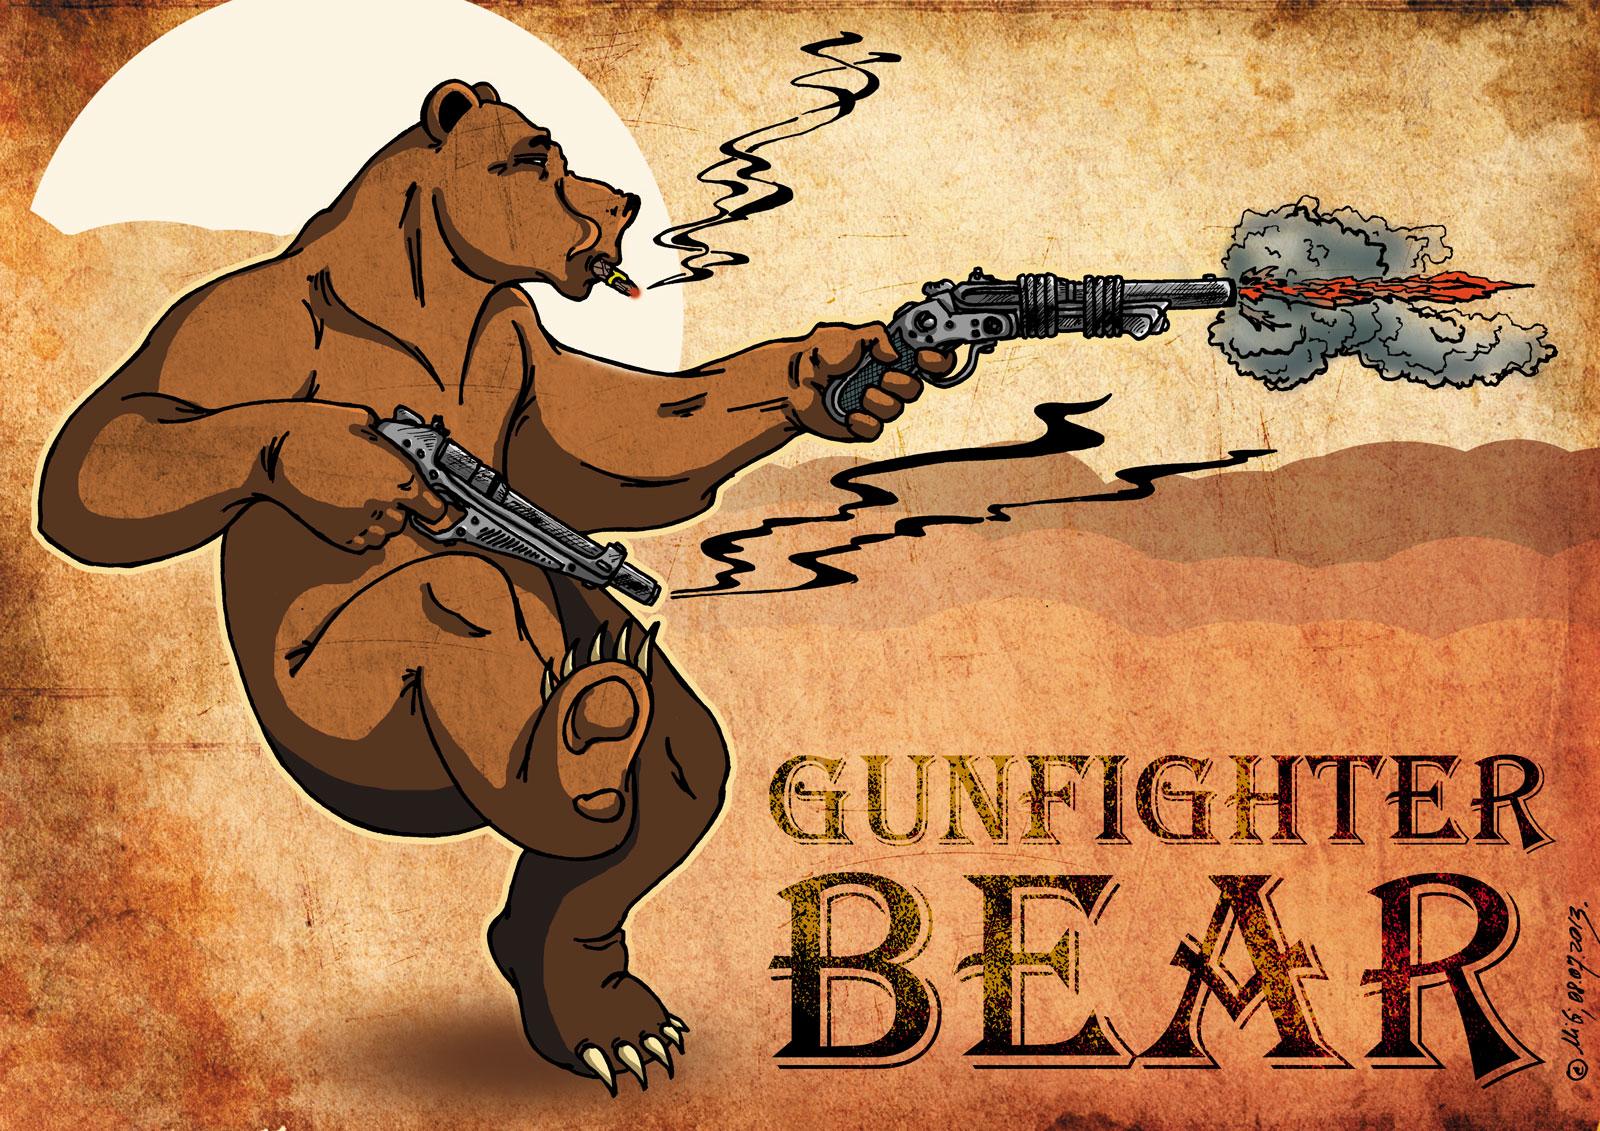 Gunfighter bear v 01 by bear bm on deviantart - Gunfighter wallpaper ...